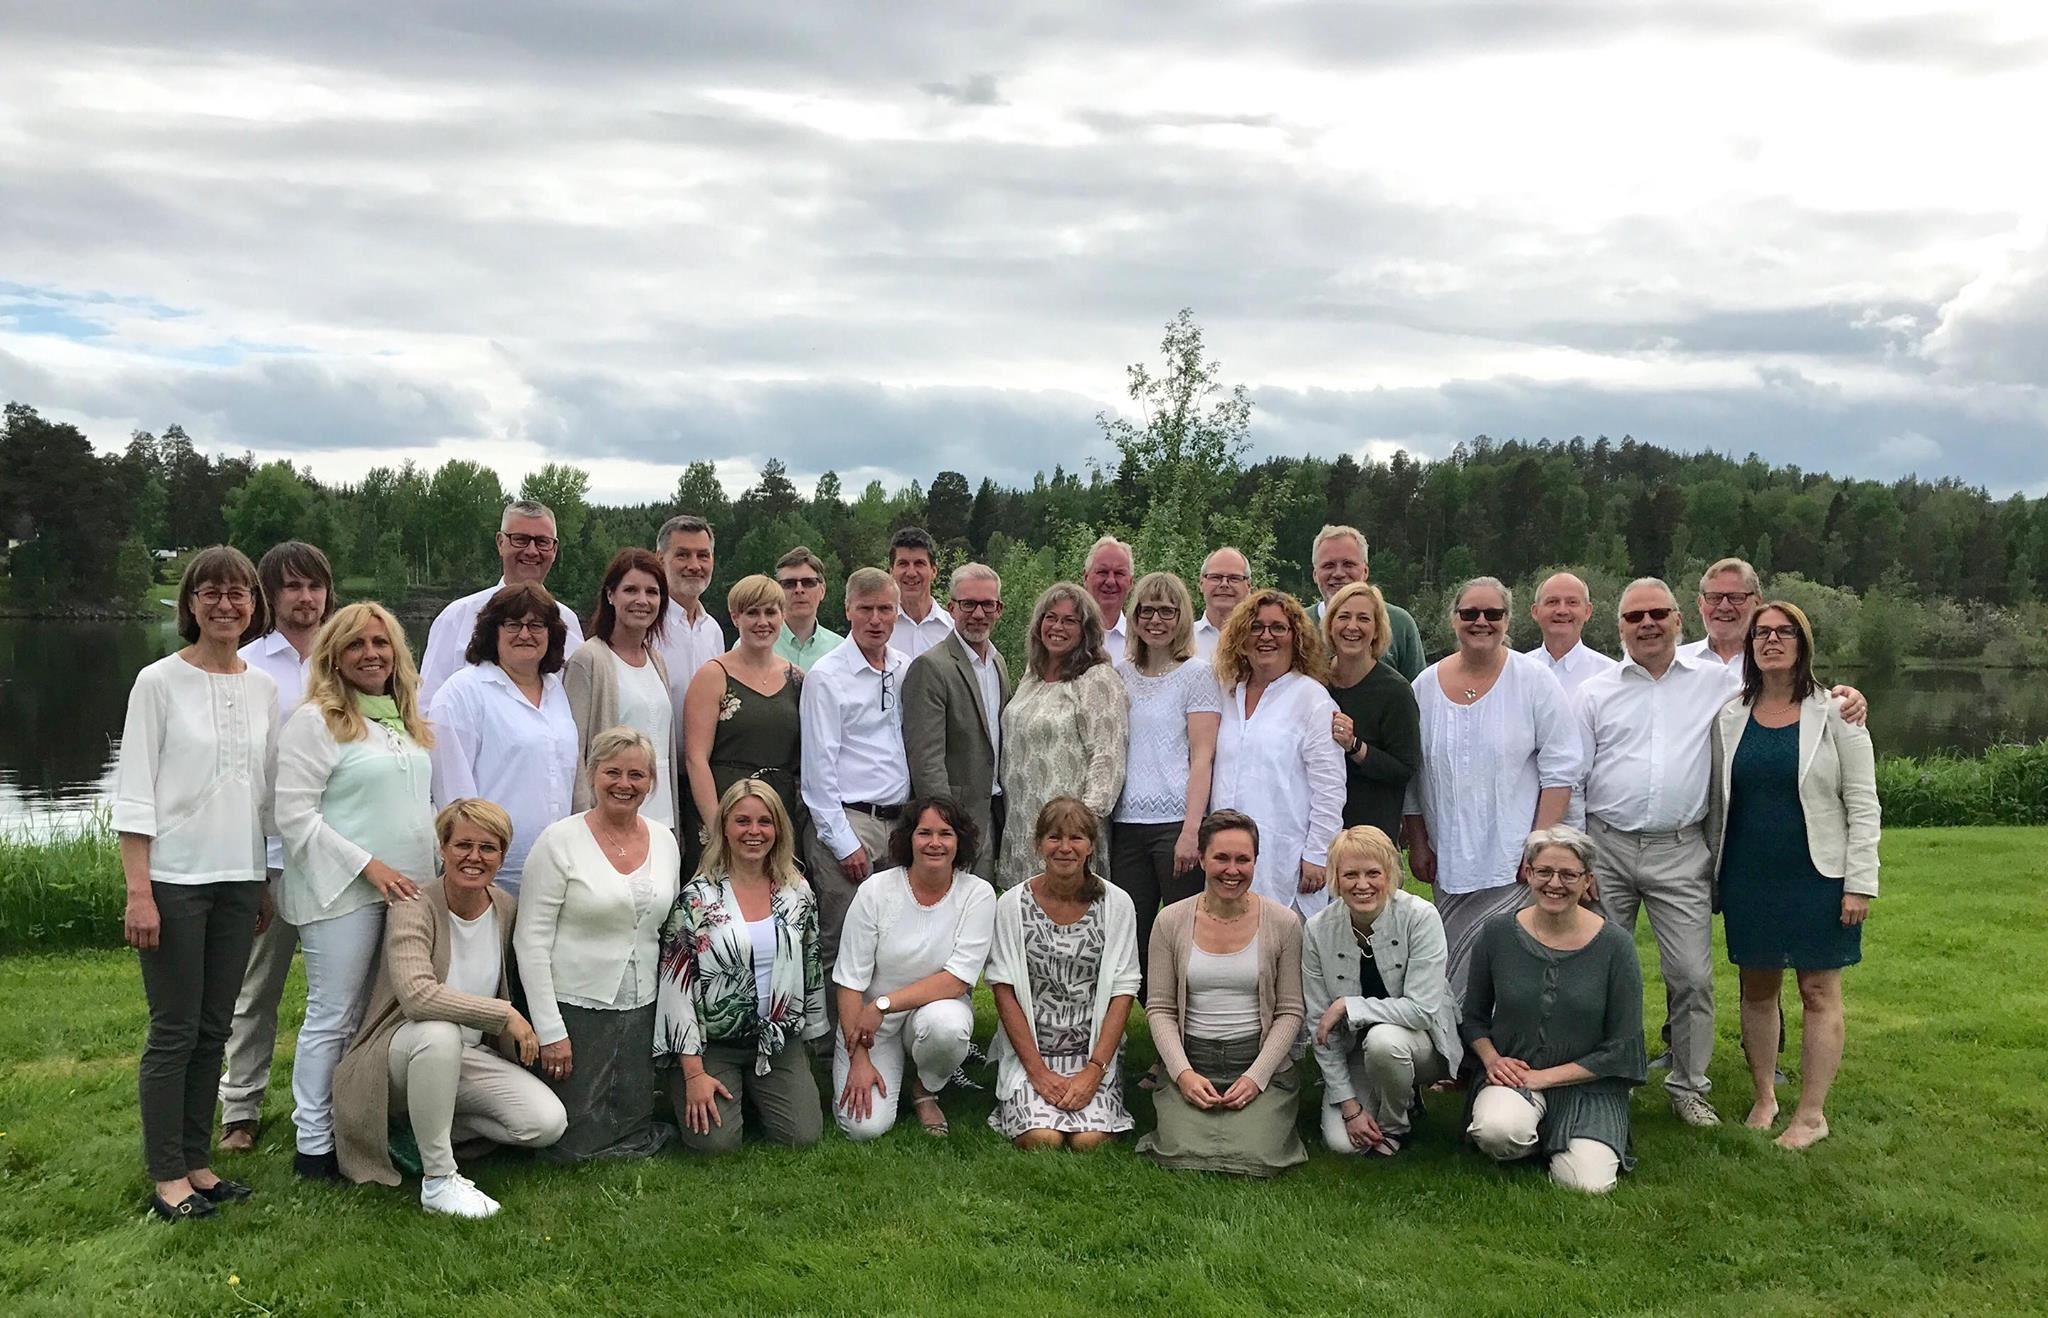 Christmas Concert with Forsbacka Kammarkör